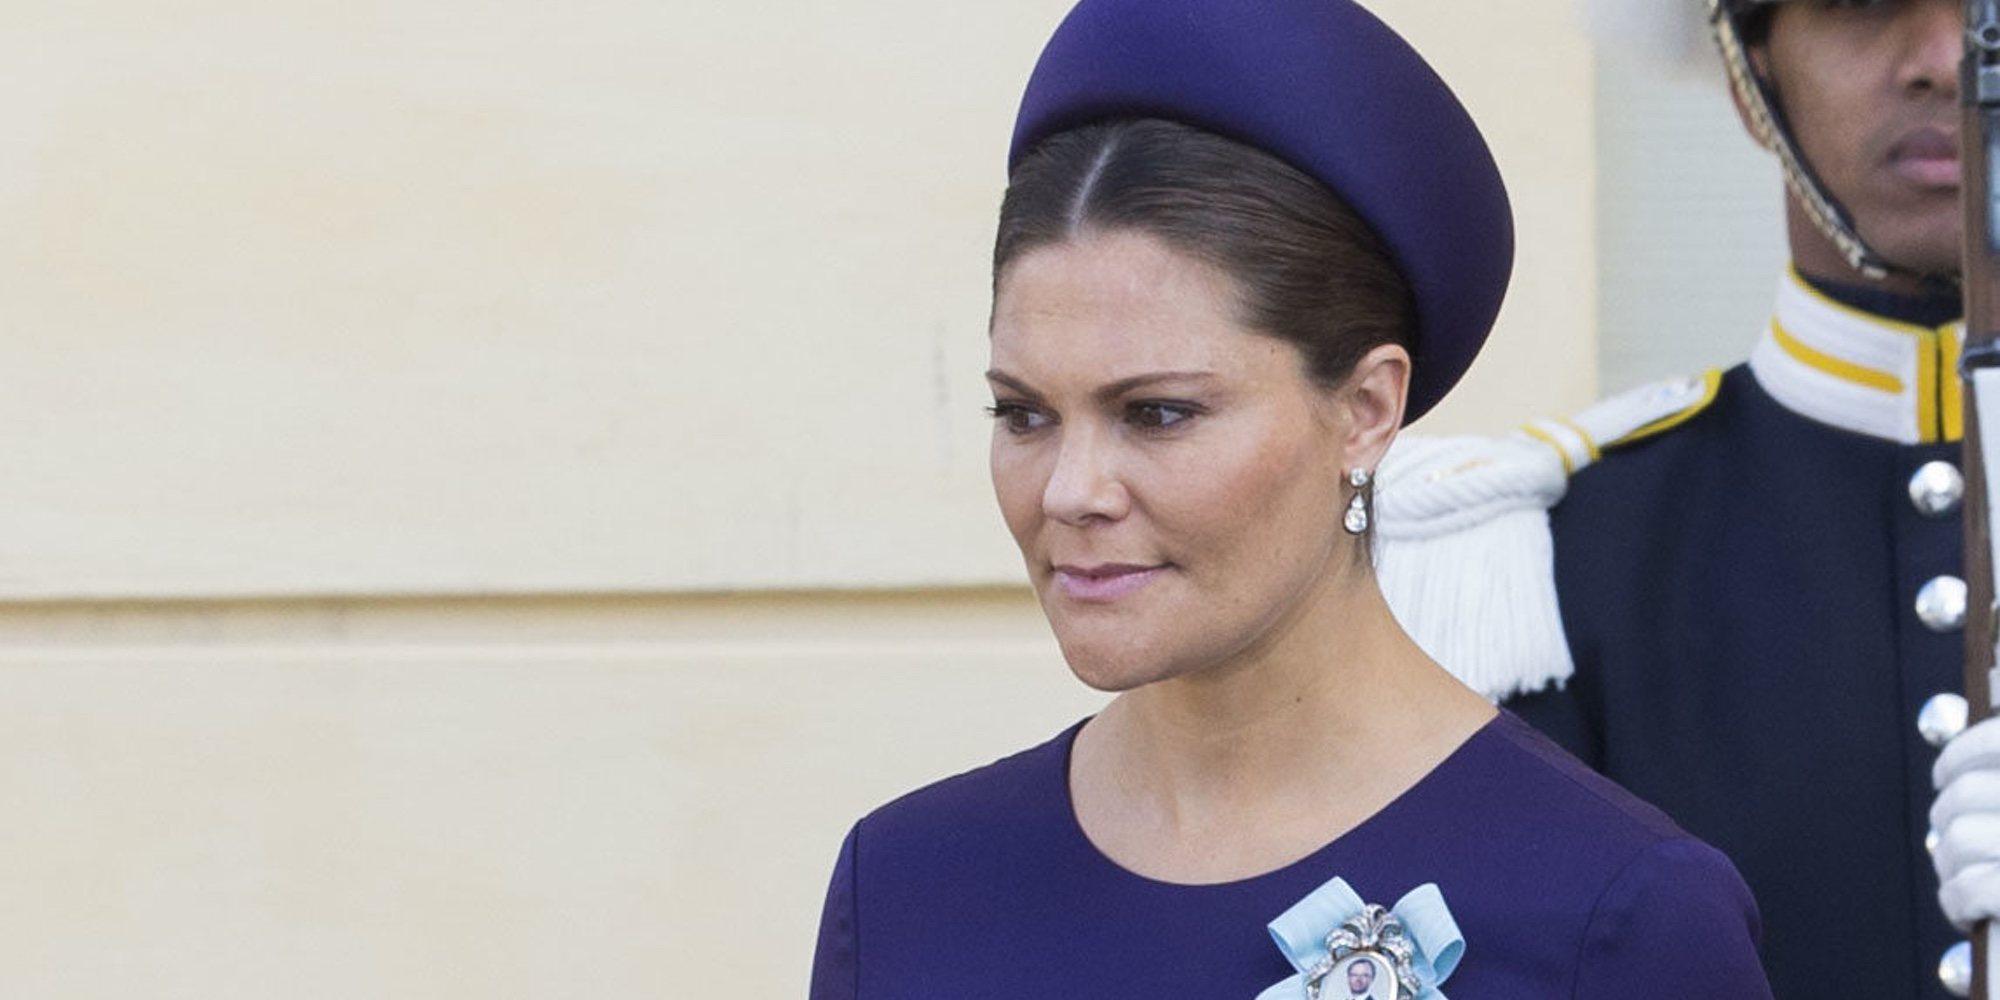 Victoria de Suecia fue manoseada por el fotógrafo Jean-Claude Arnault, acusado de abusos sexuales